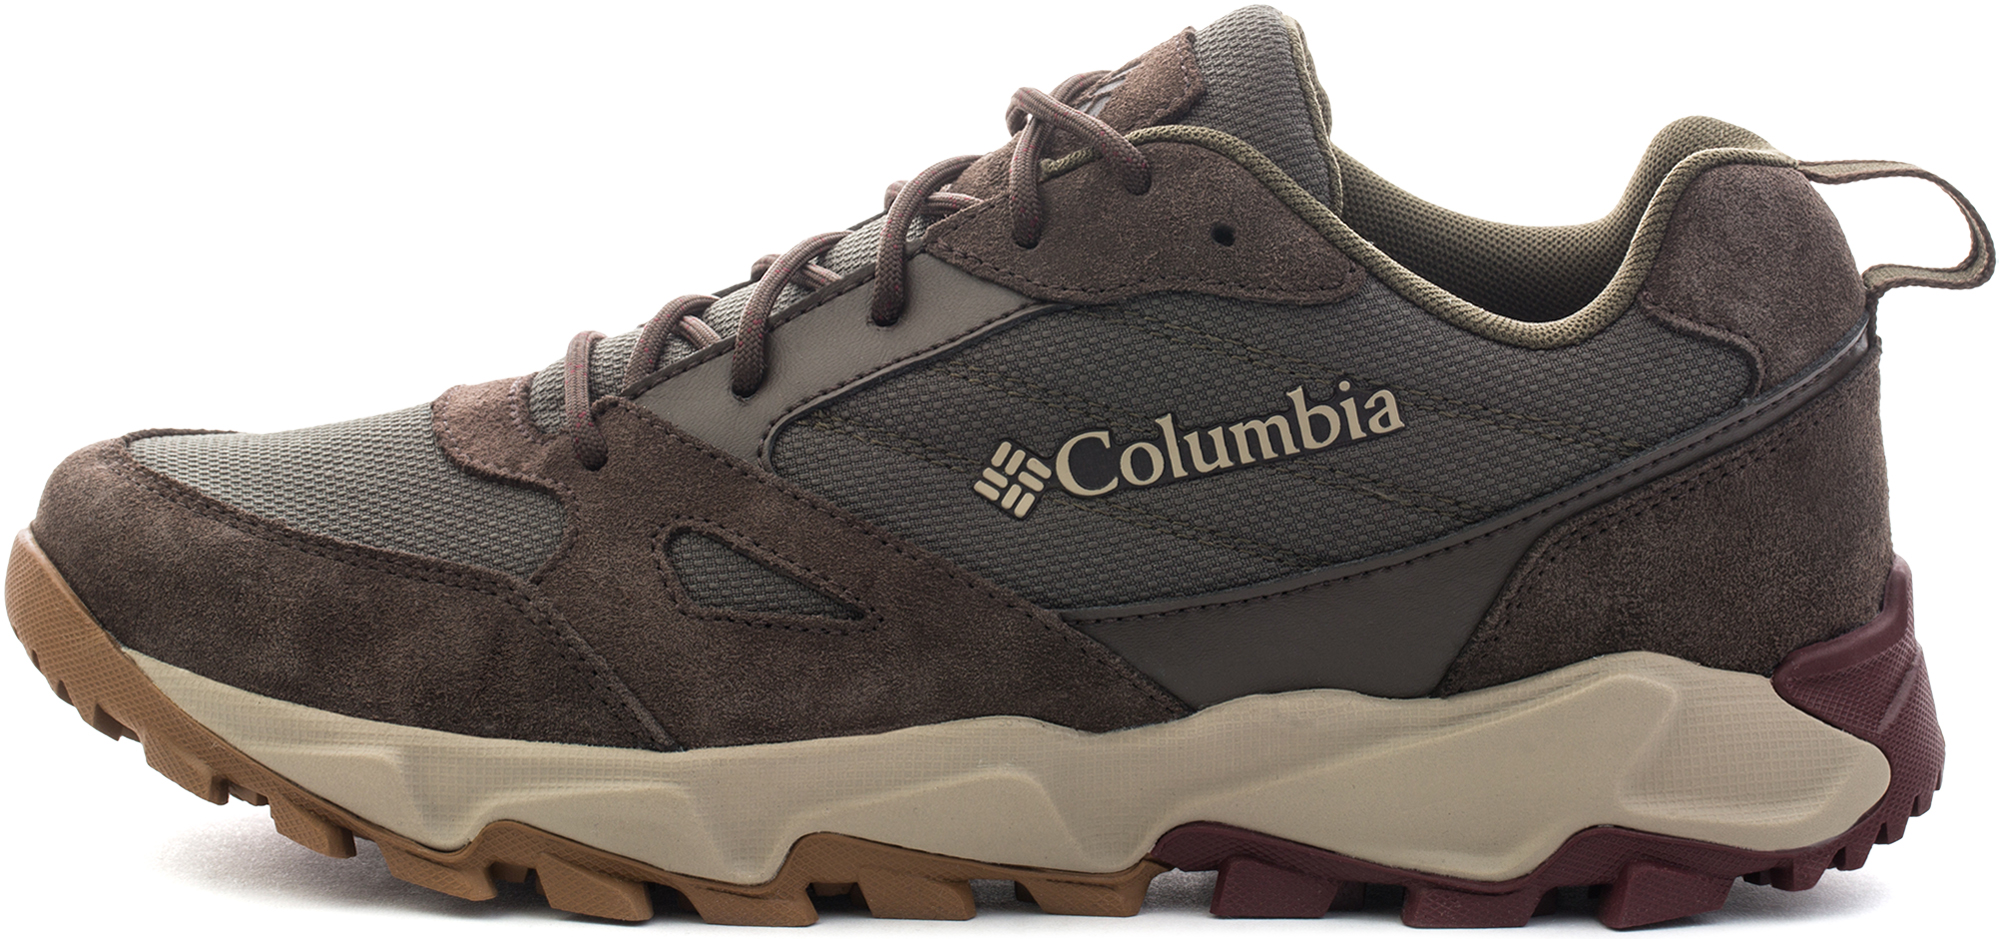 цена Columbia Ботинки мужские Columbia Ivo Trail, размер 45 онлайн в 2017 году